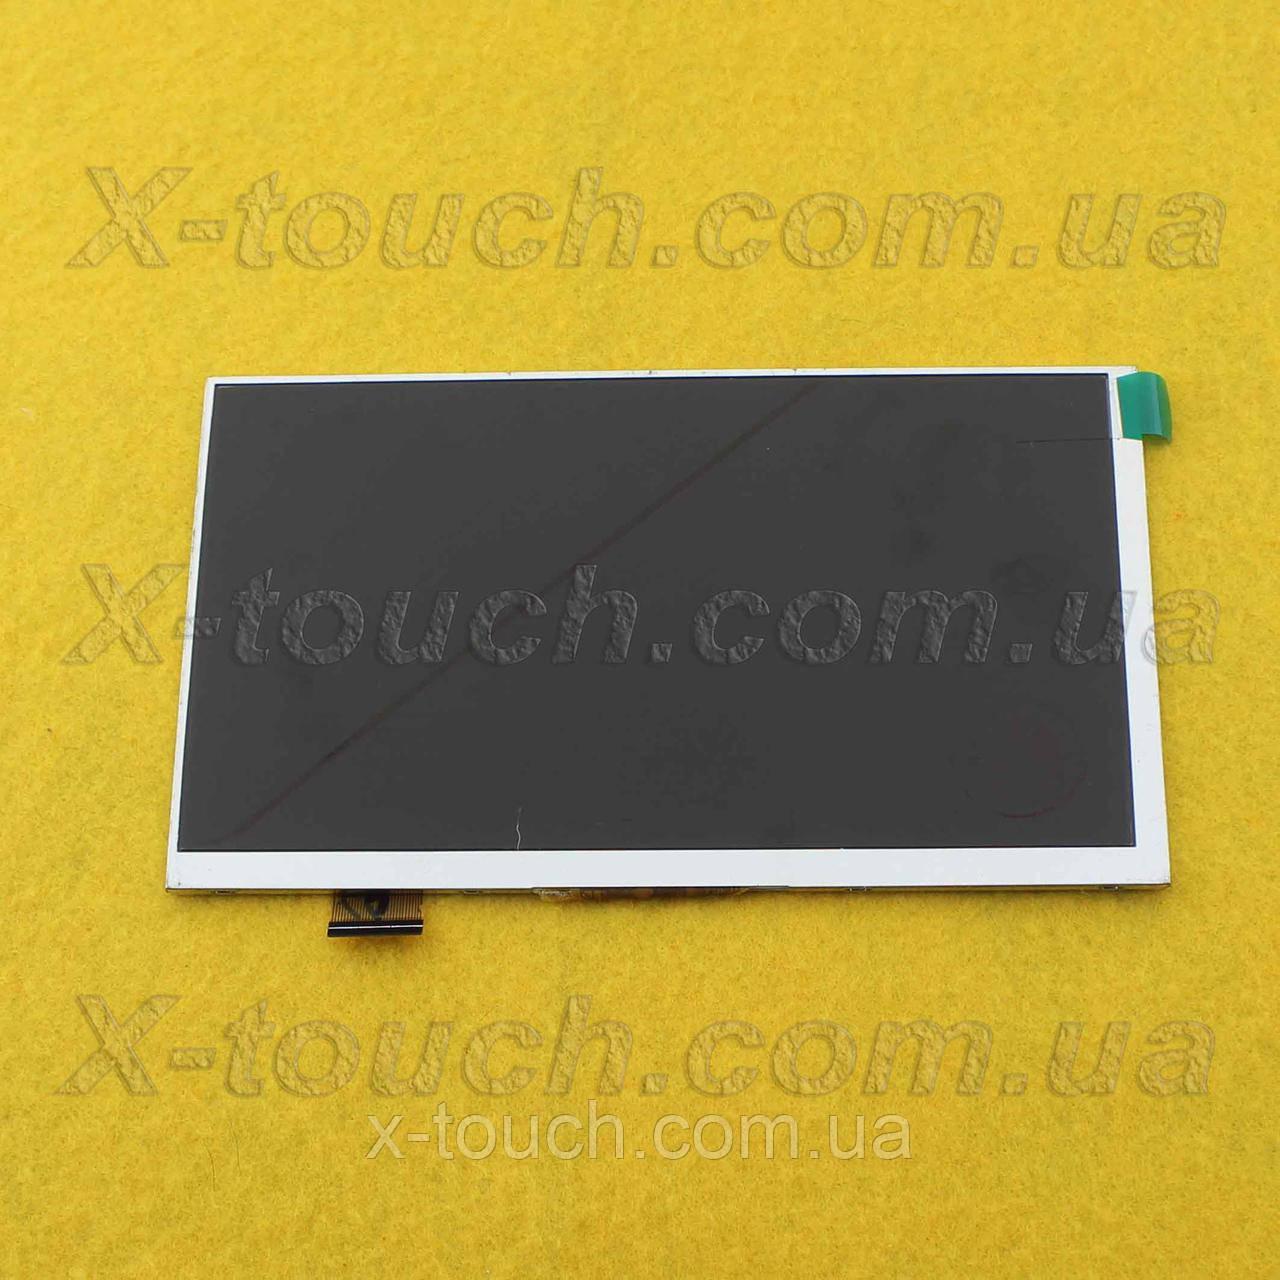 Матрица,экран, дисплей AL0203B 01 для планшета